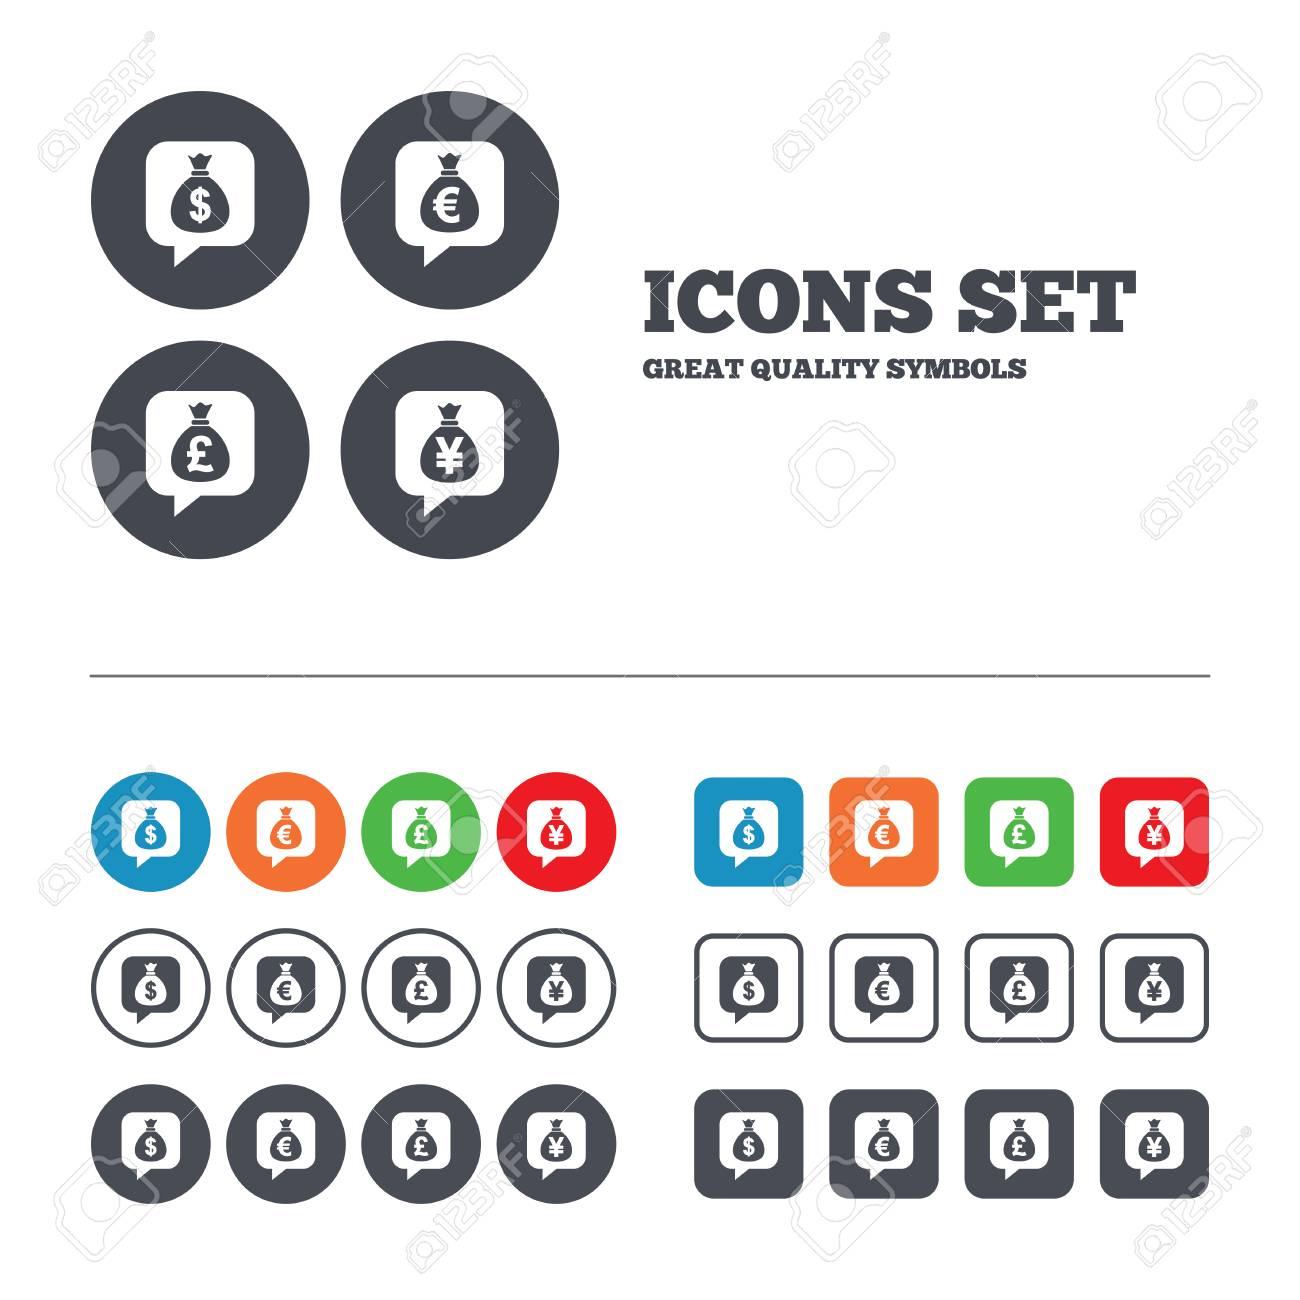 Sac D Argent Icones Dollar Euro Livre Et De La Parole Yen Bulles Symboles Usd Eur Gbp Et Les Signes Monetaires De Jpy Boutons De Web Mettent